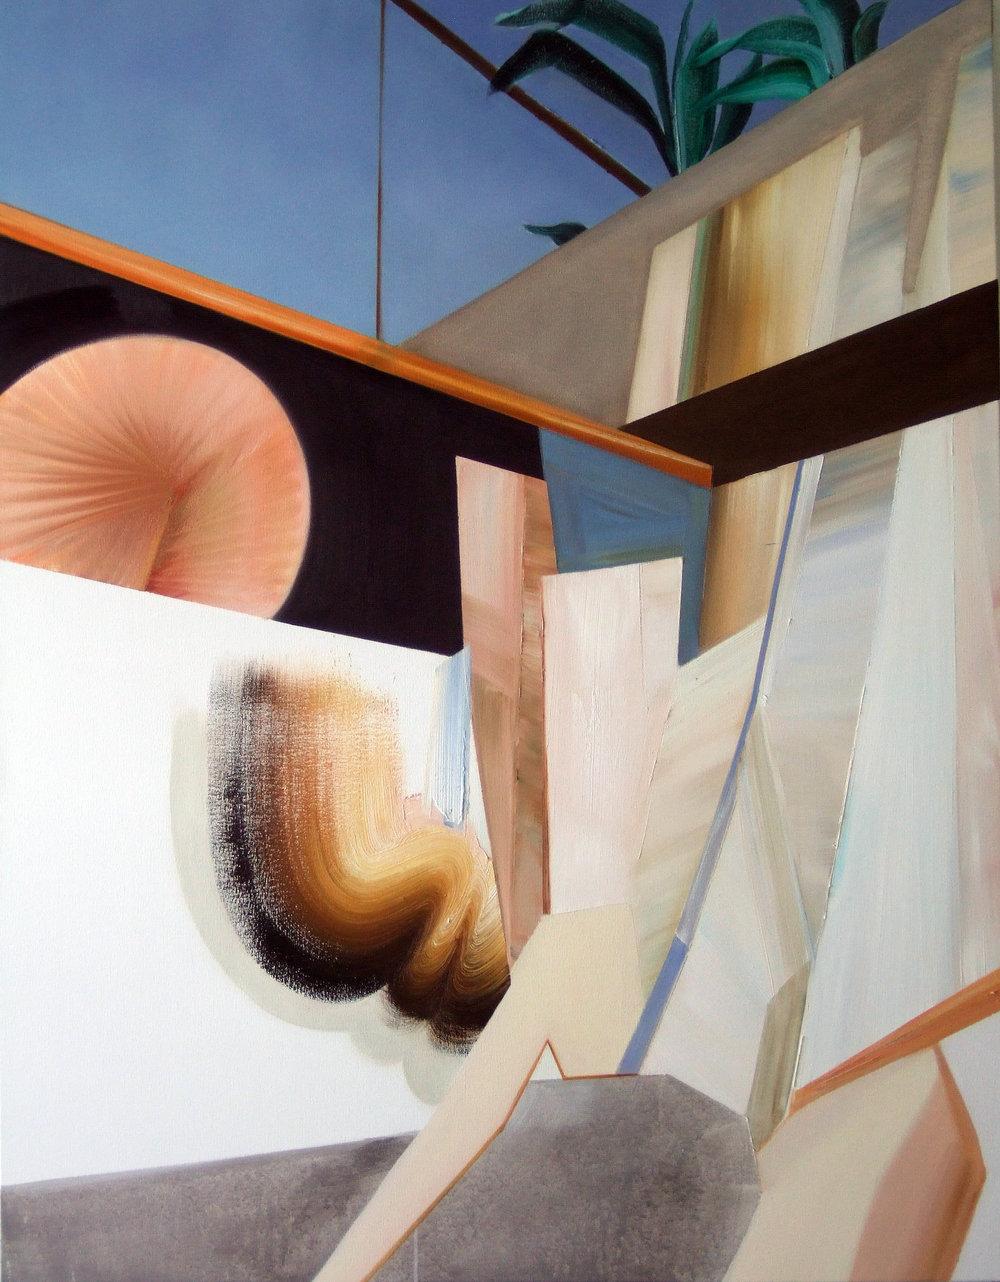 Bent Over Backwards, 2011